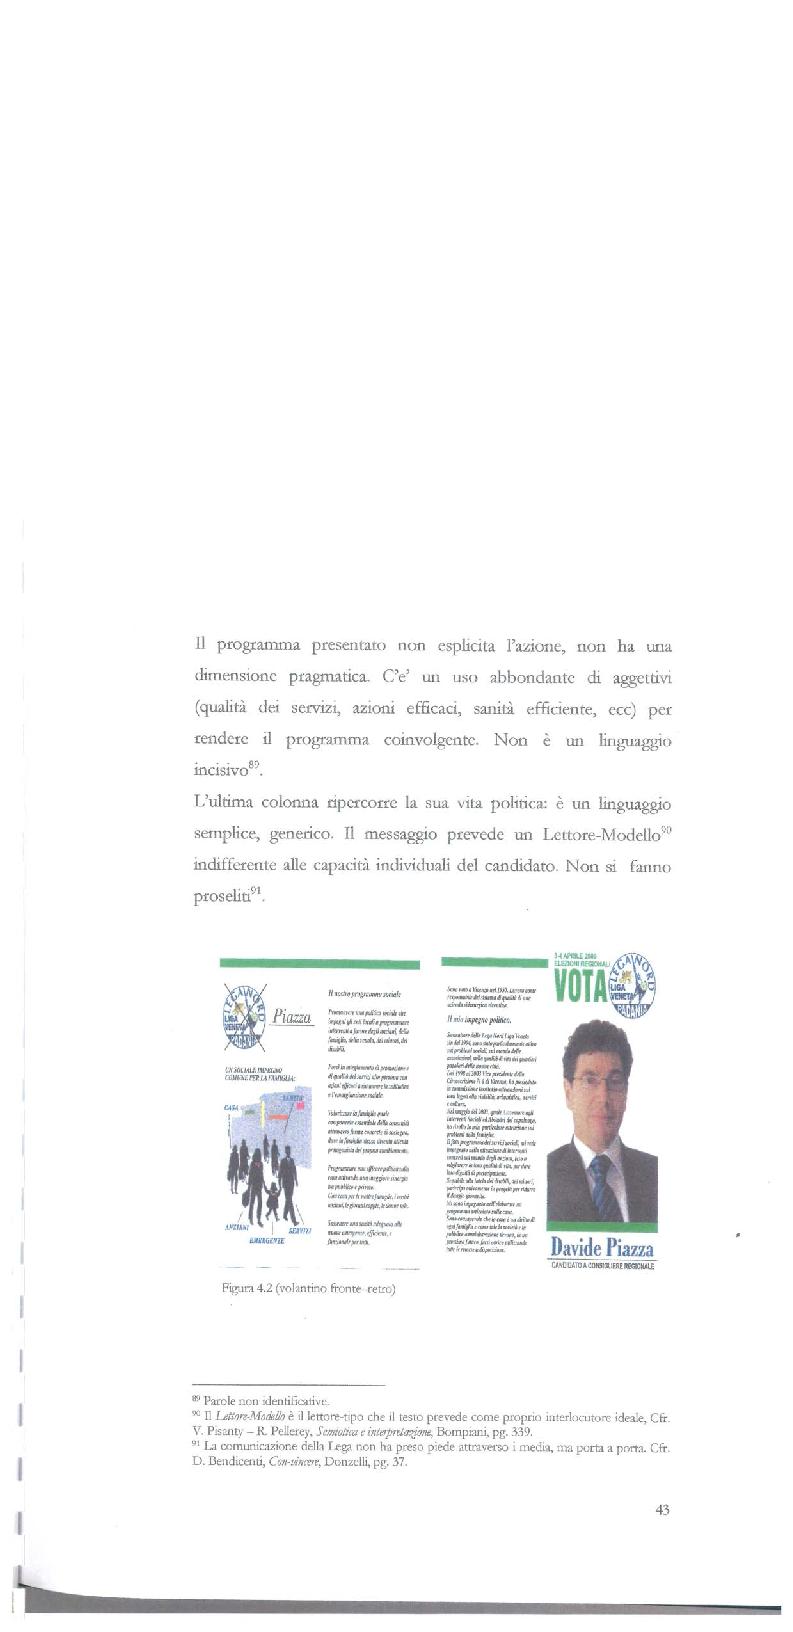 Anteprima della tesi: Strategie di persuasione elettorale durante le regionali 2005 in Veneto, Pagina 13